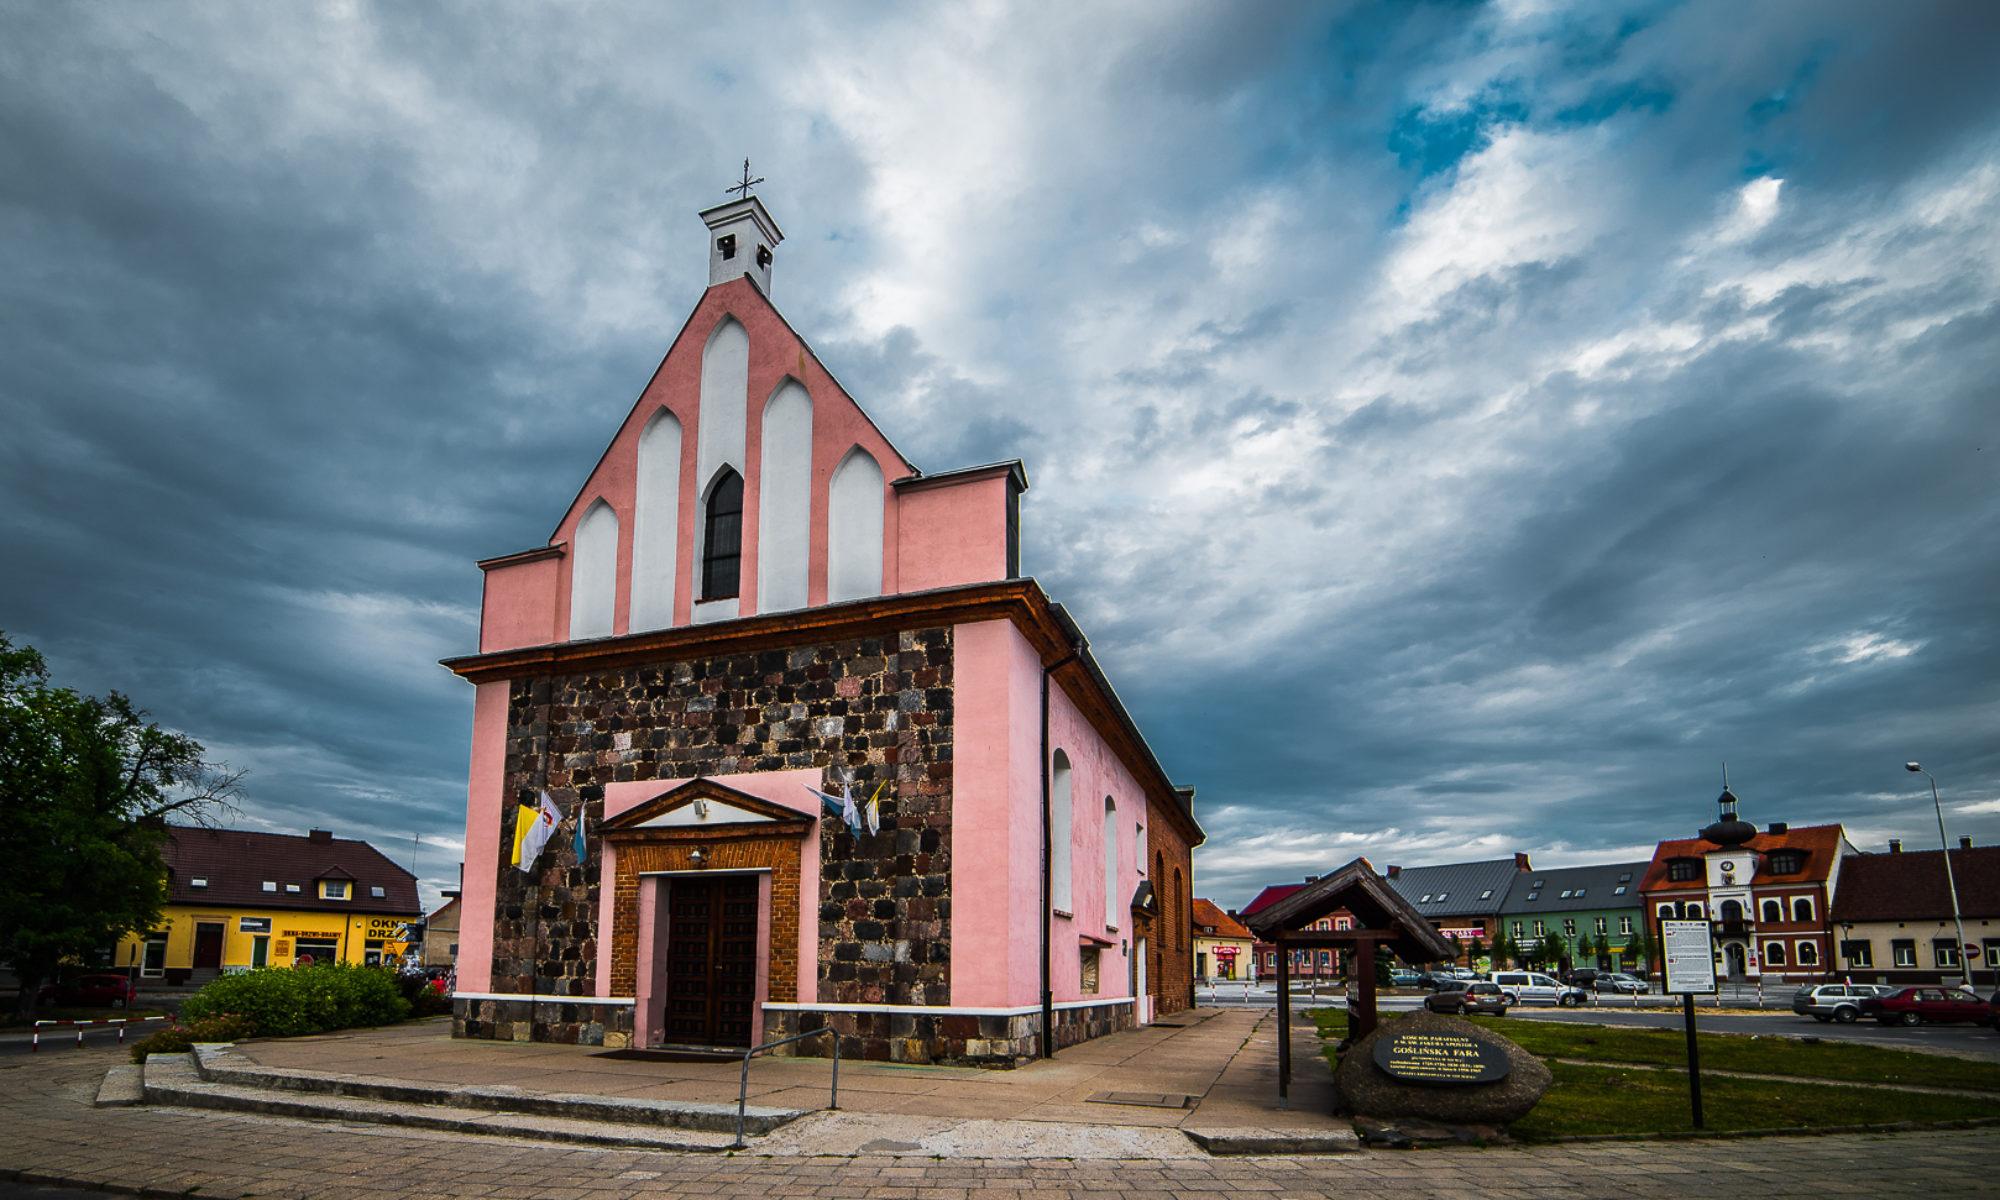 Parafia Św. Jakuba Apostoła w Murowanej Goślinie